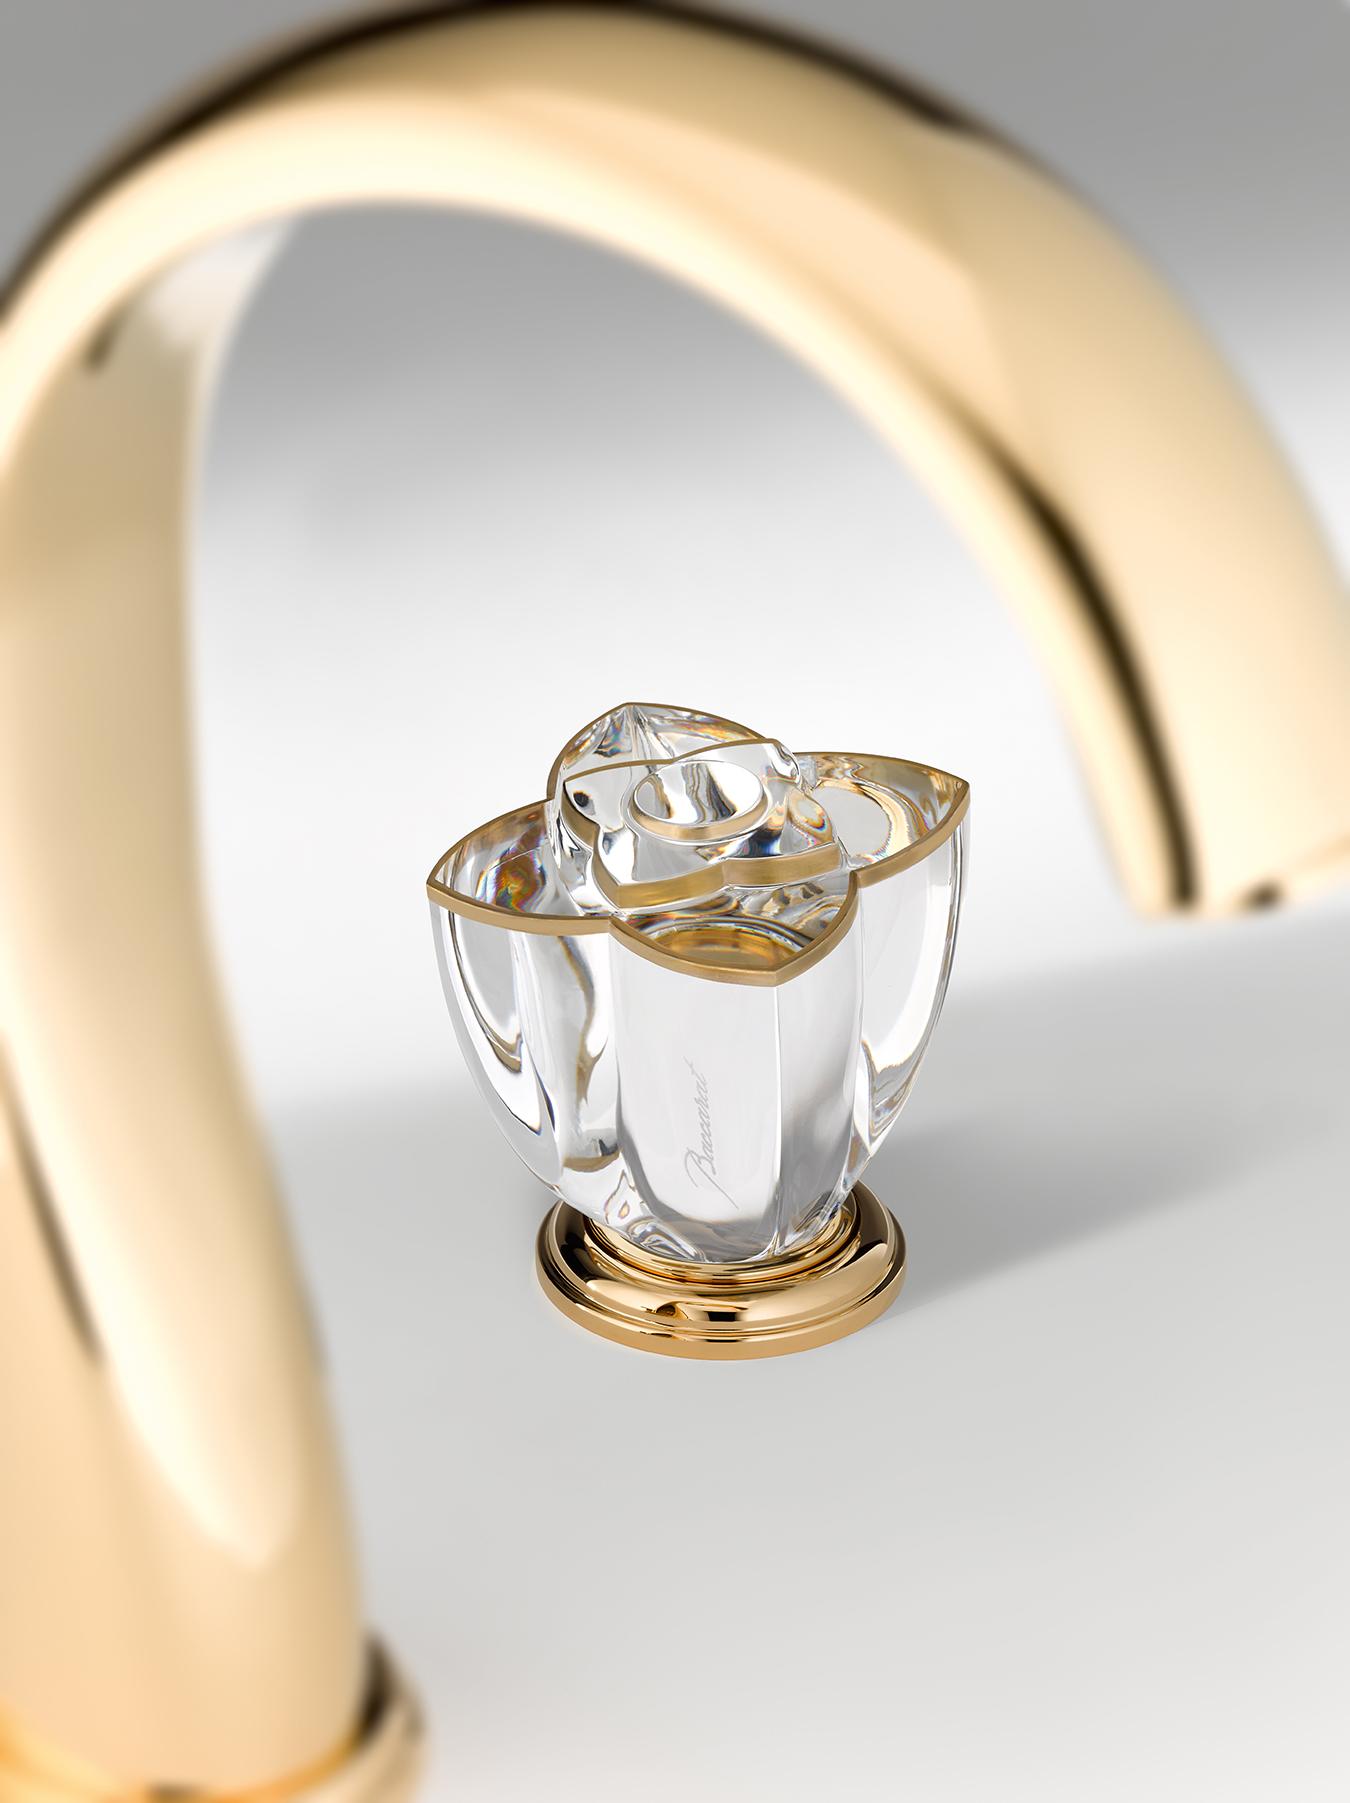 NUVO Daily Edit: Baccarat Pétale de Cristal Collection